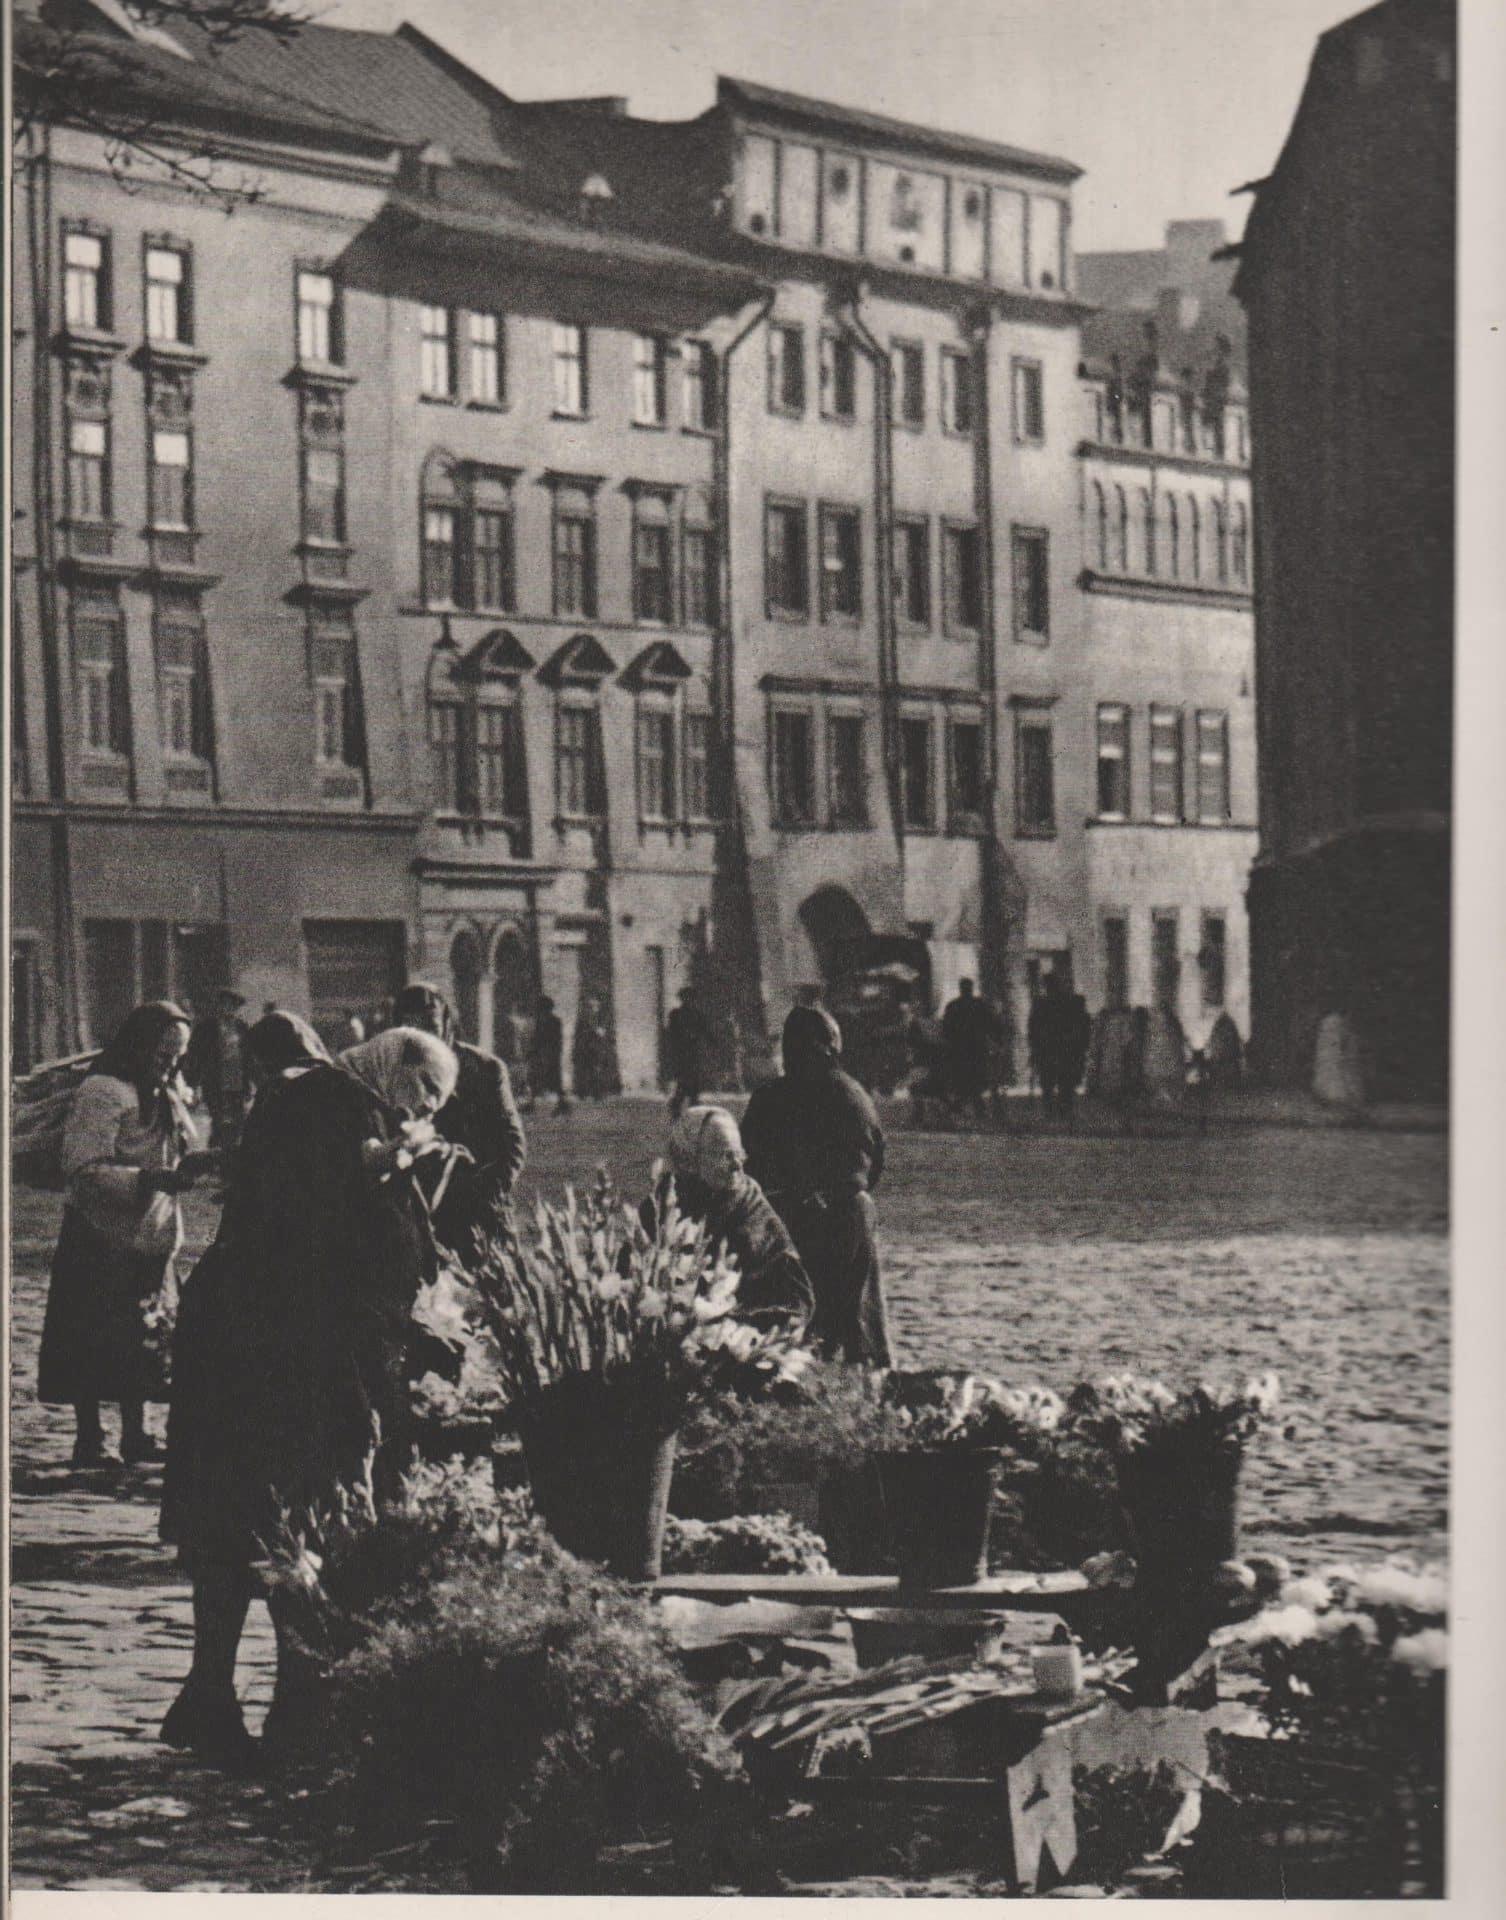 Przekupki z krakowskiego Rynku. Monika Bogdanowska mówi, że zasługują na pomnik. Fot. Henryk Hermanowicz.